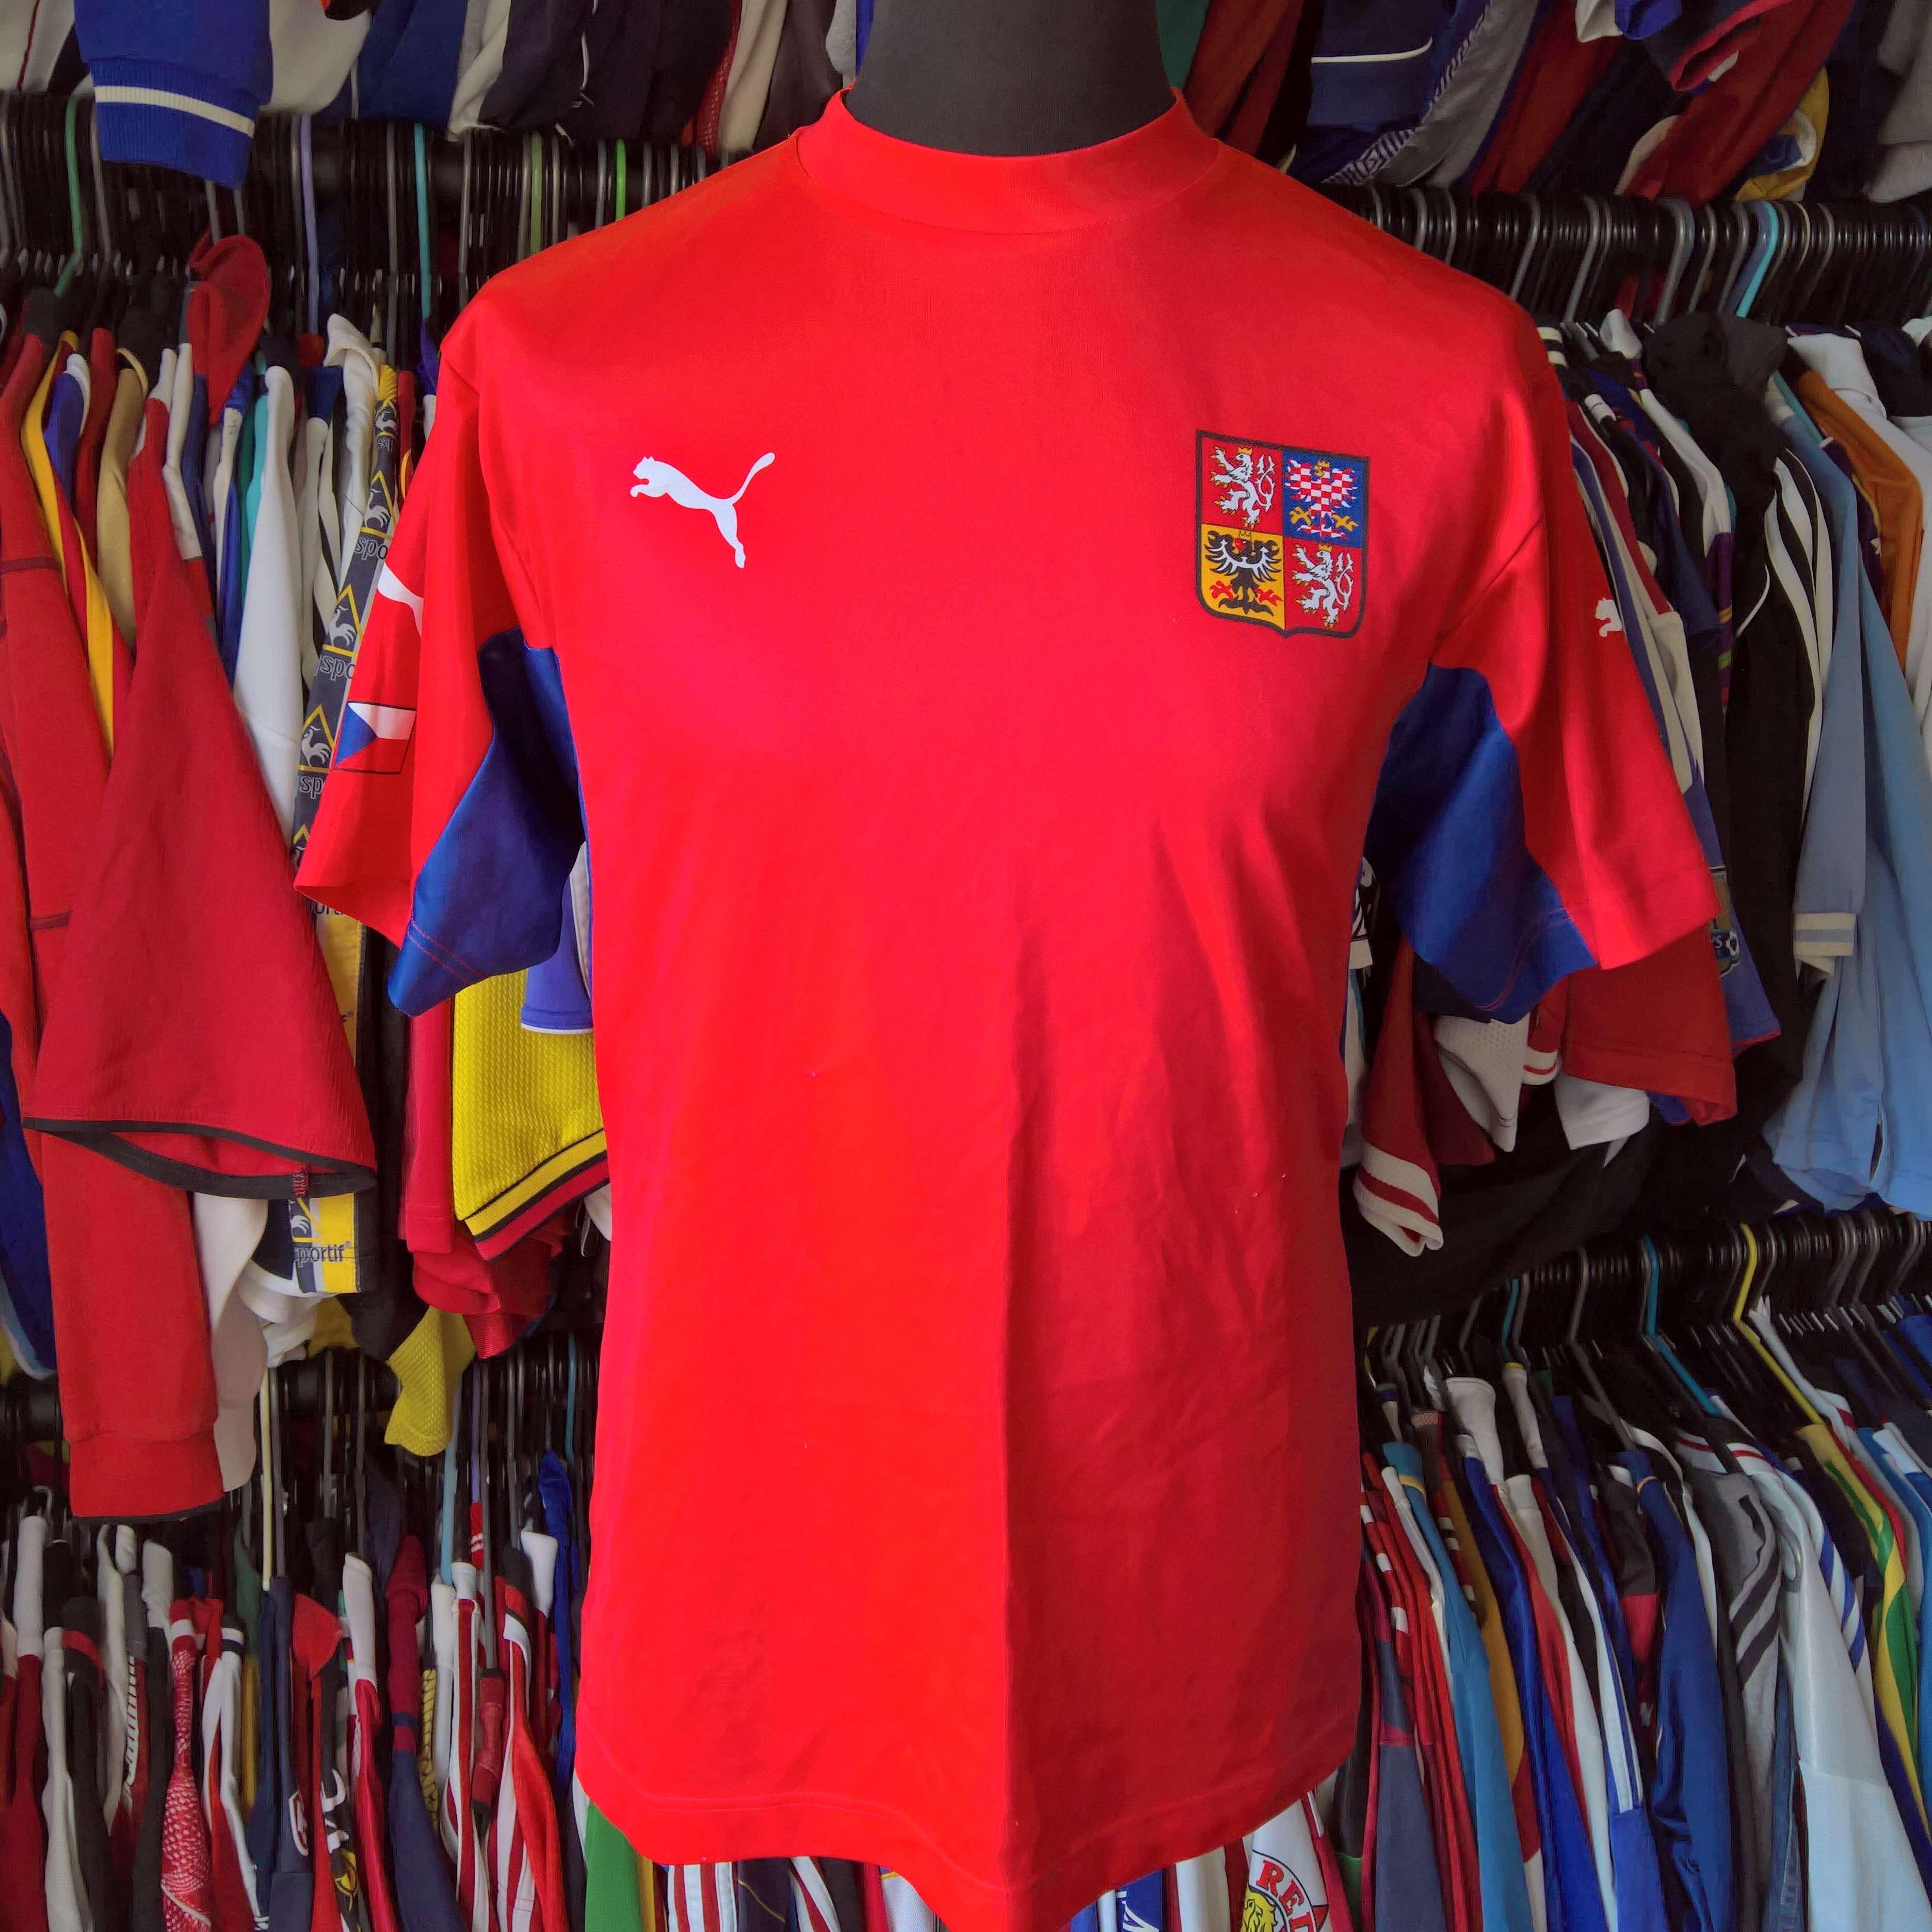 5c702b6a370 CZECH REPUBLIC 2002 HOME FOOTBALL SHIRT FAN TOP PUMA JERSEY SIZE ...